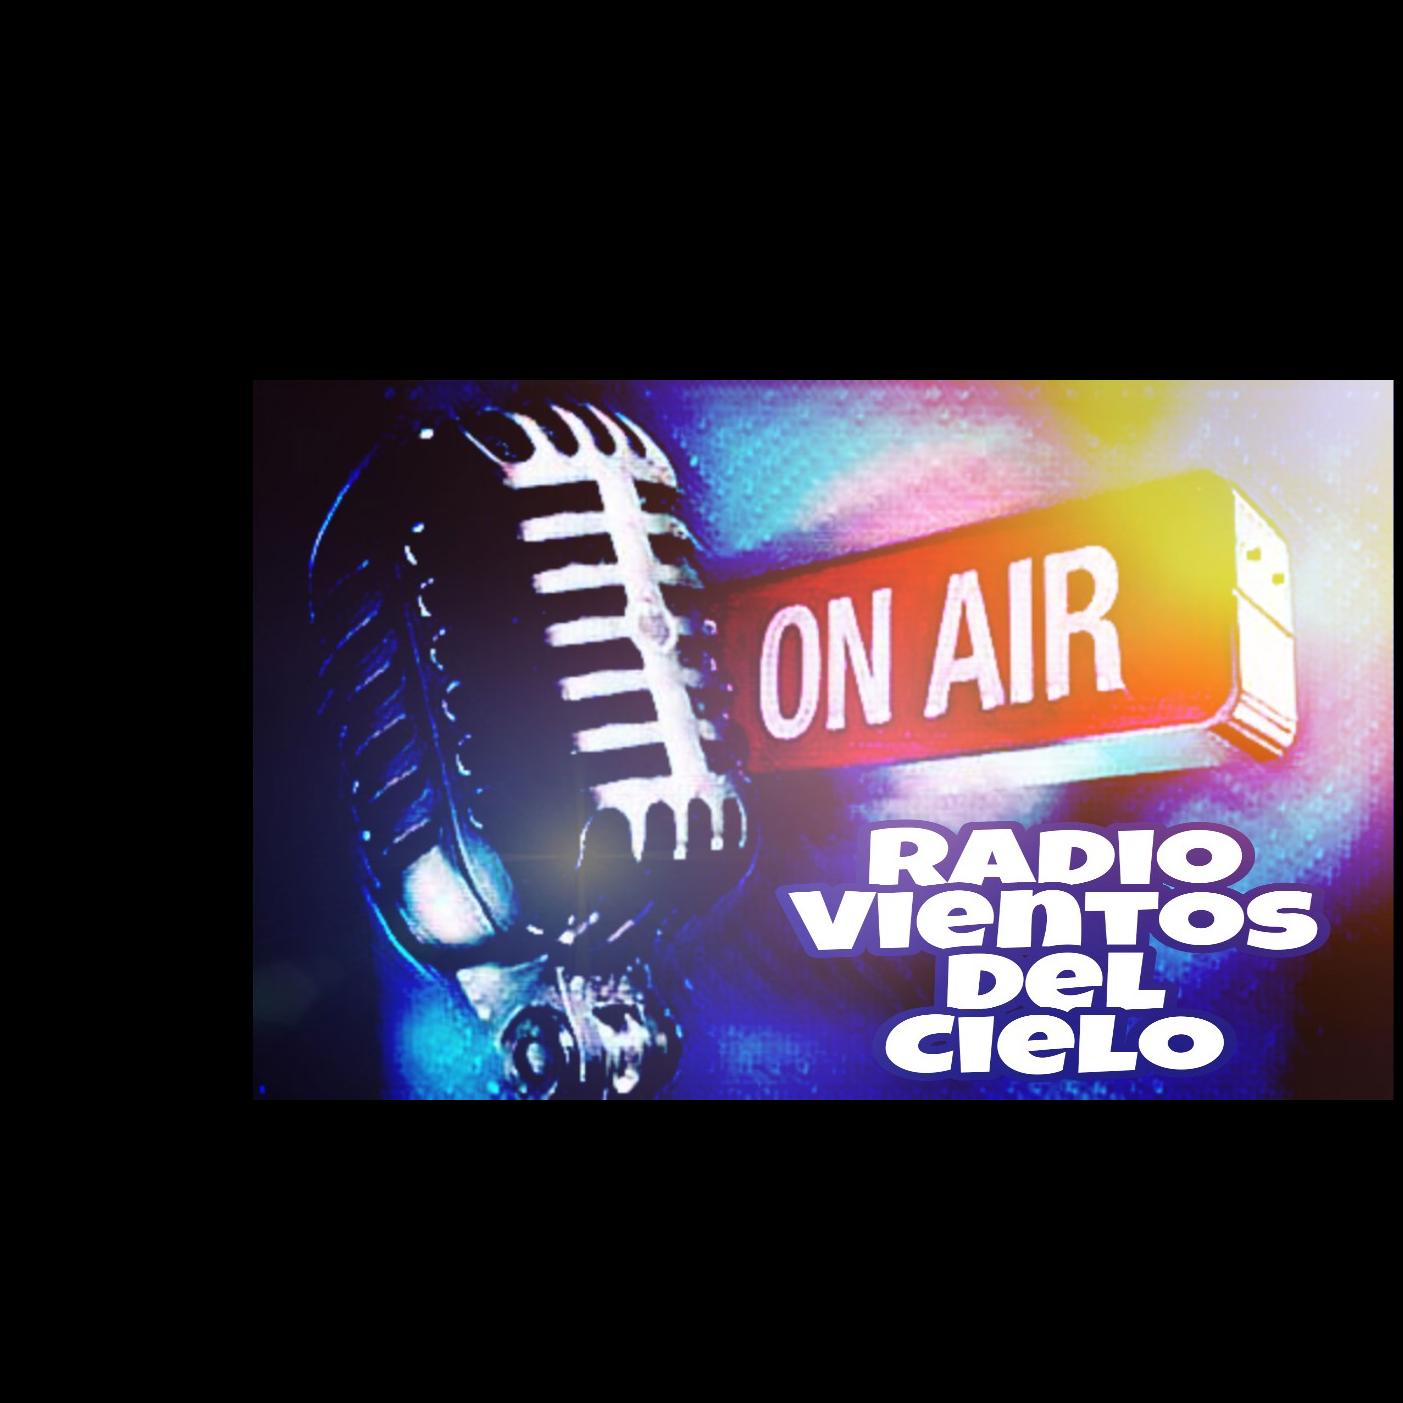 RADIO VIENTOS DEL CIELO URUGUAY